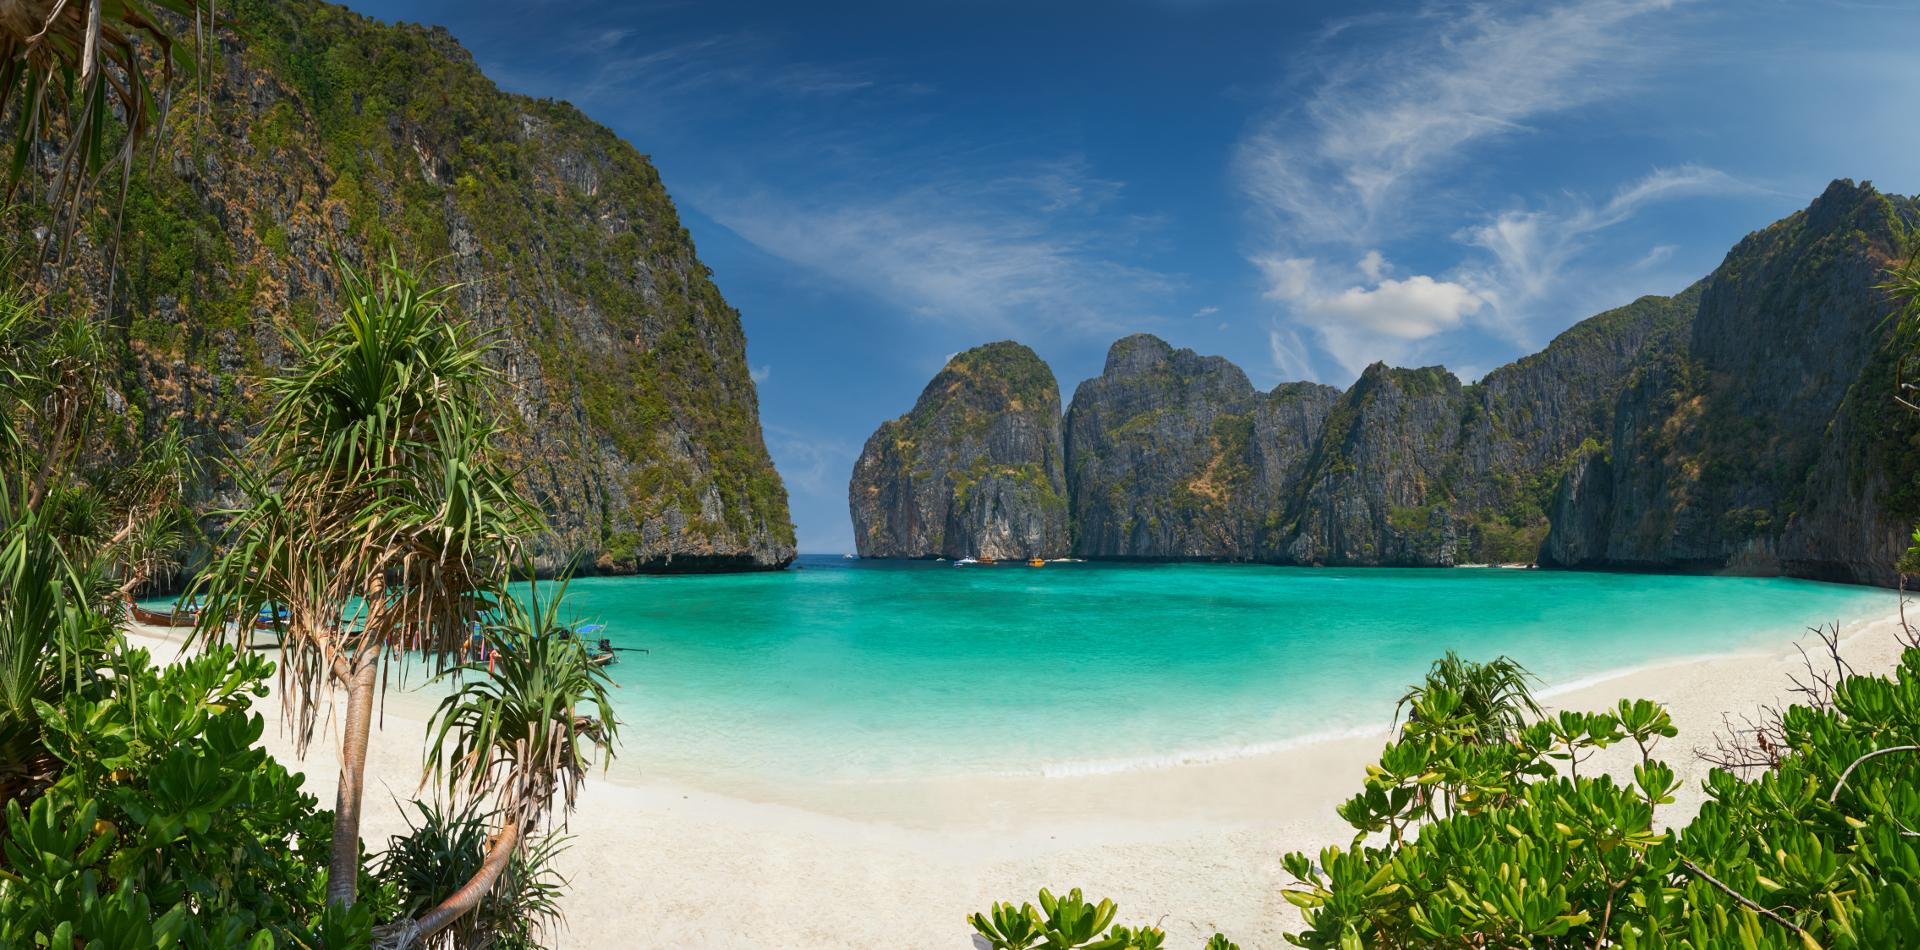 Erlebnisreise Thailand, Luxusreise Thailand